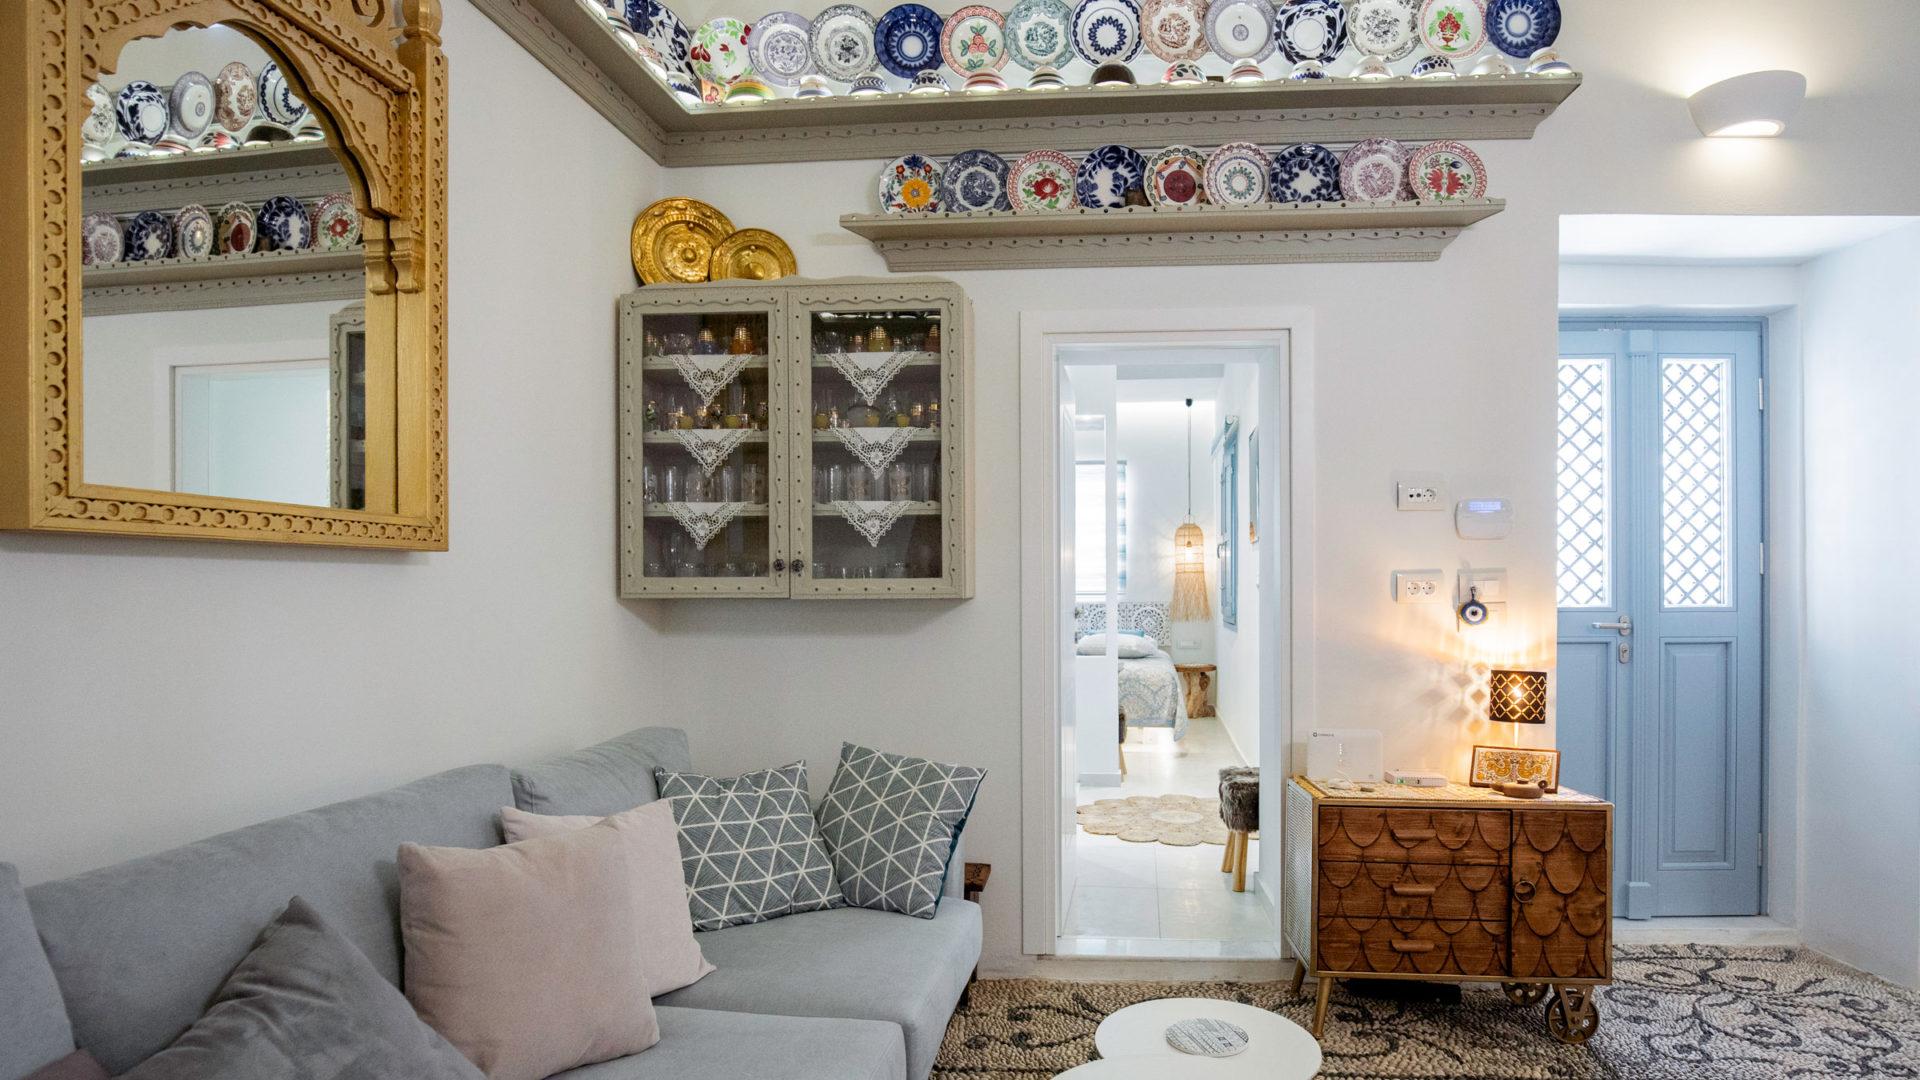 Living area and door to master bedroom